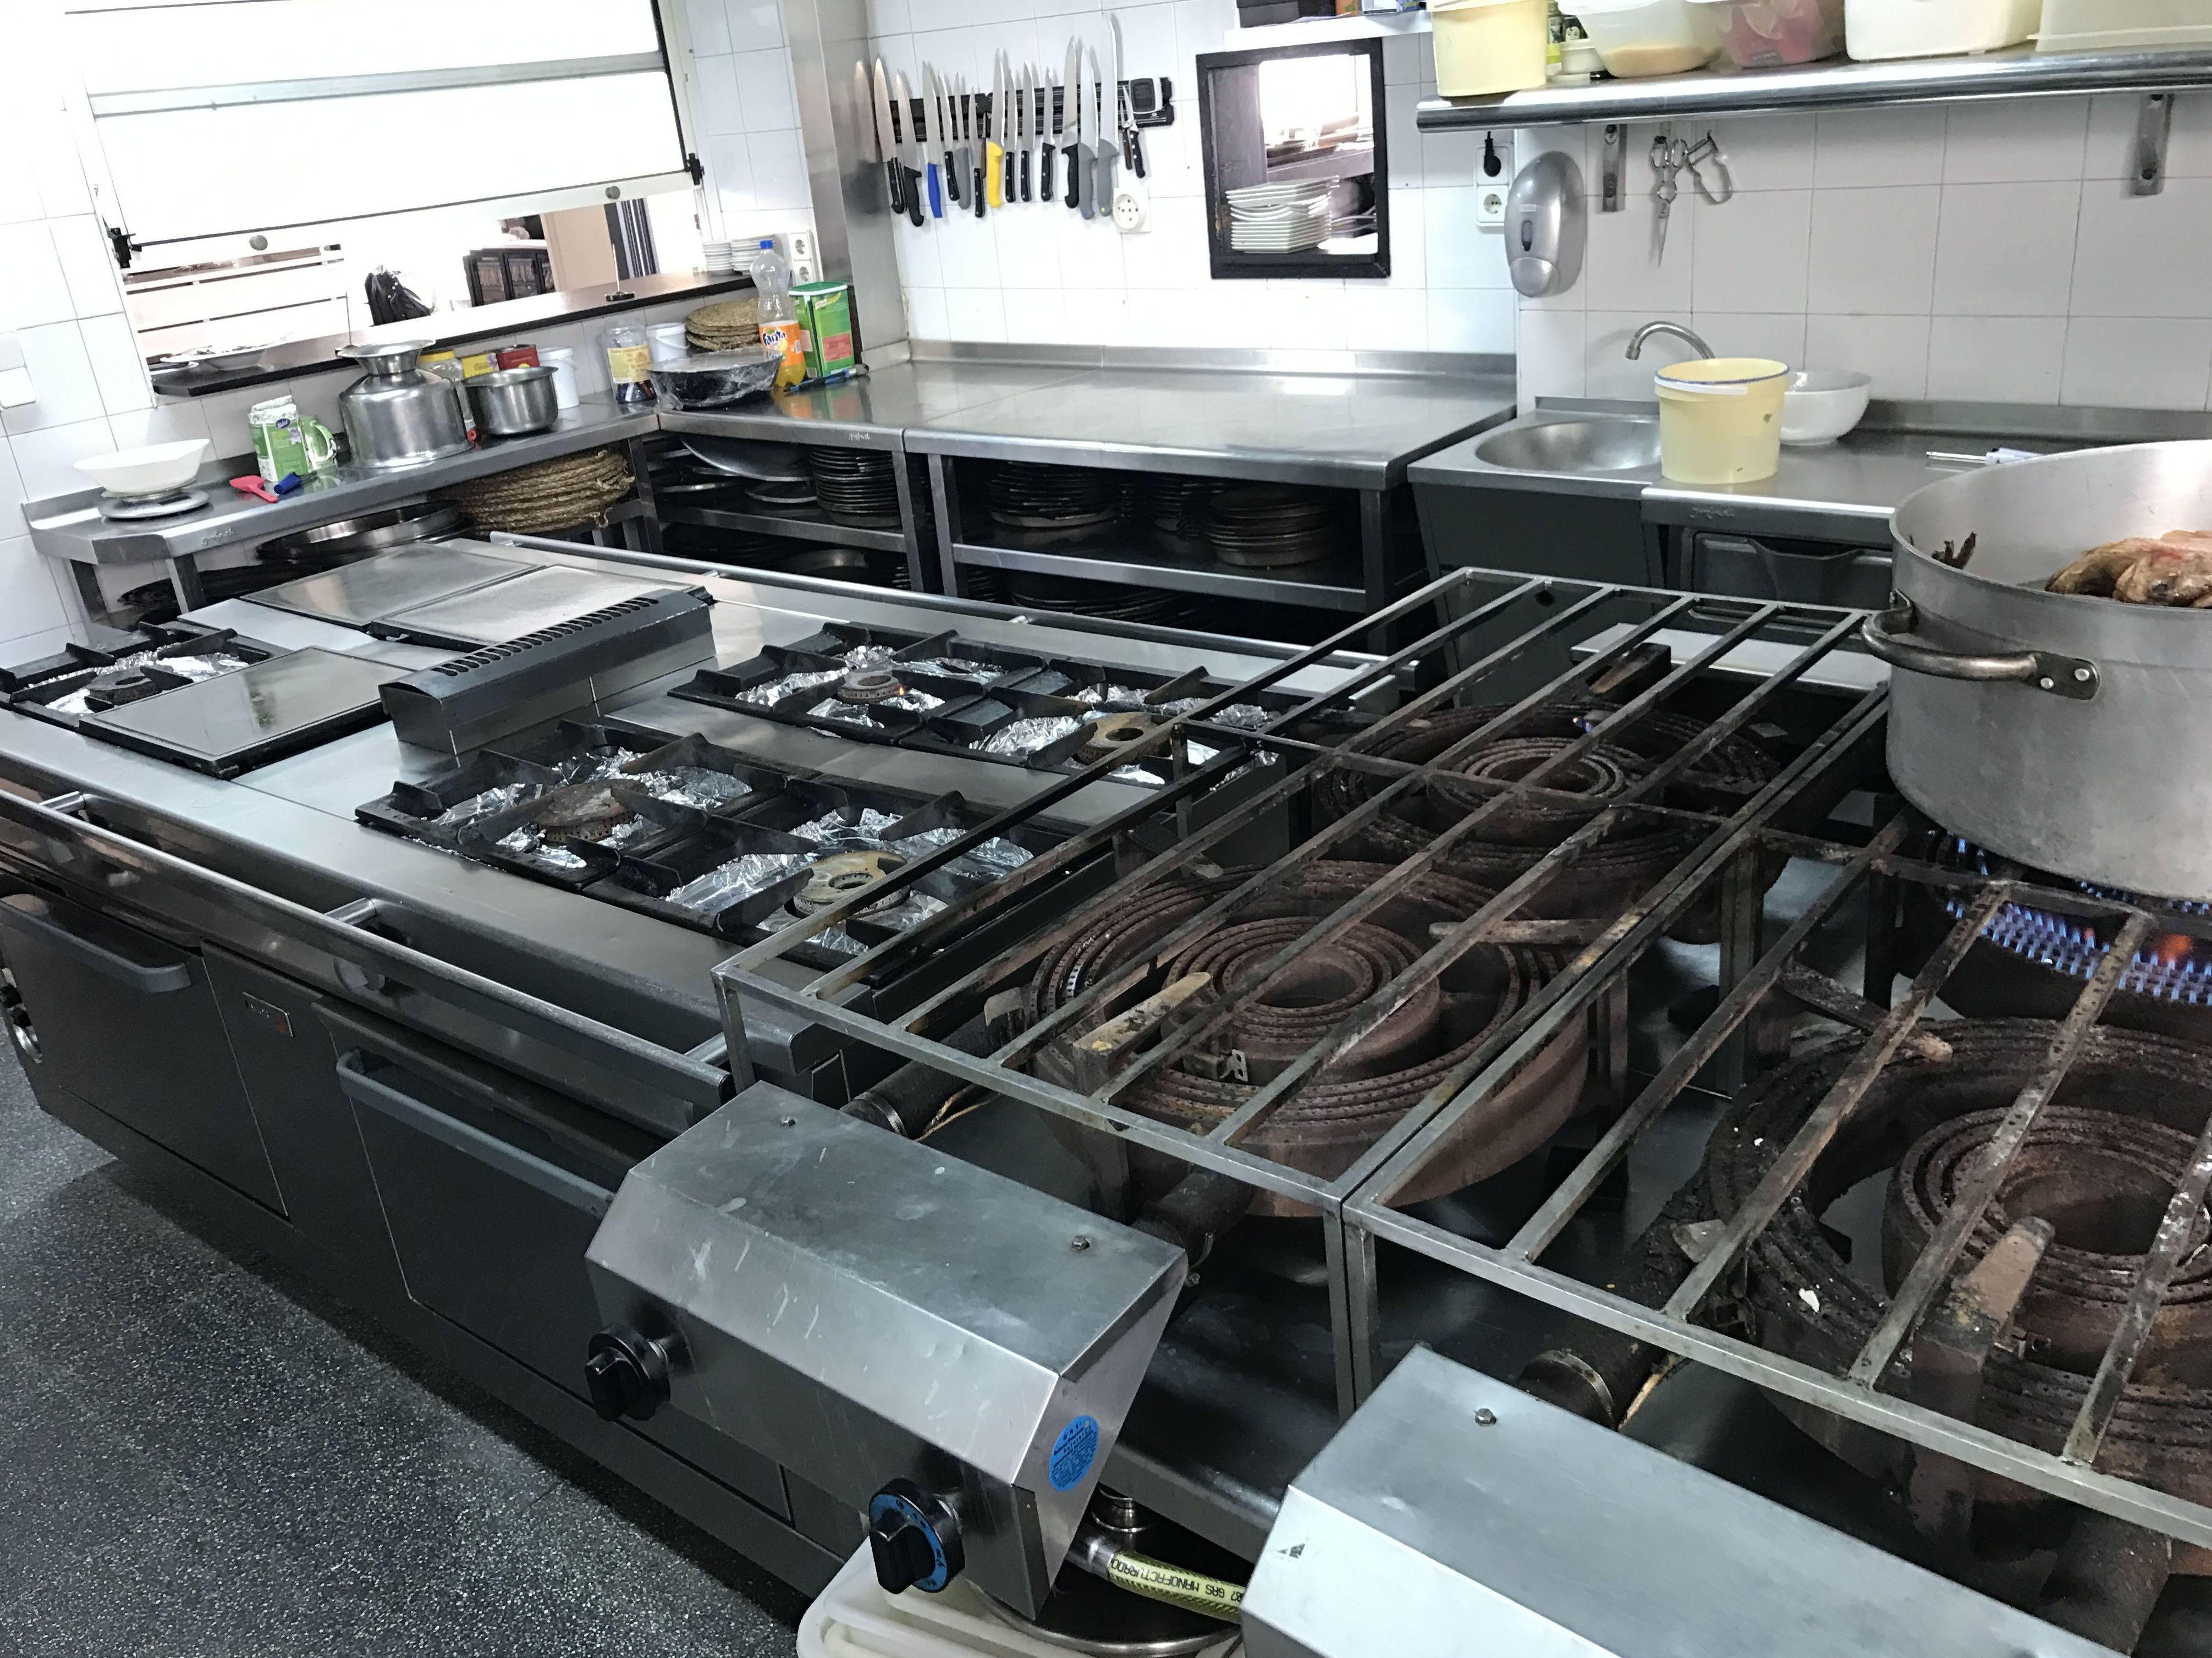 Instalación de equipamiento para cocina en Alicante